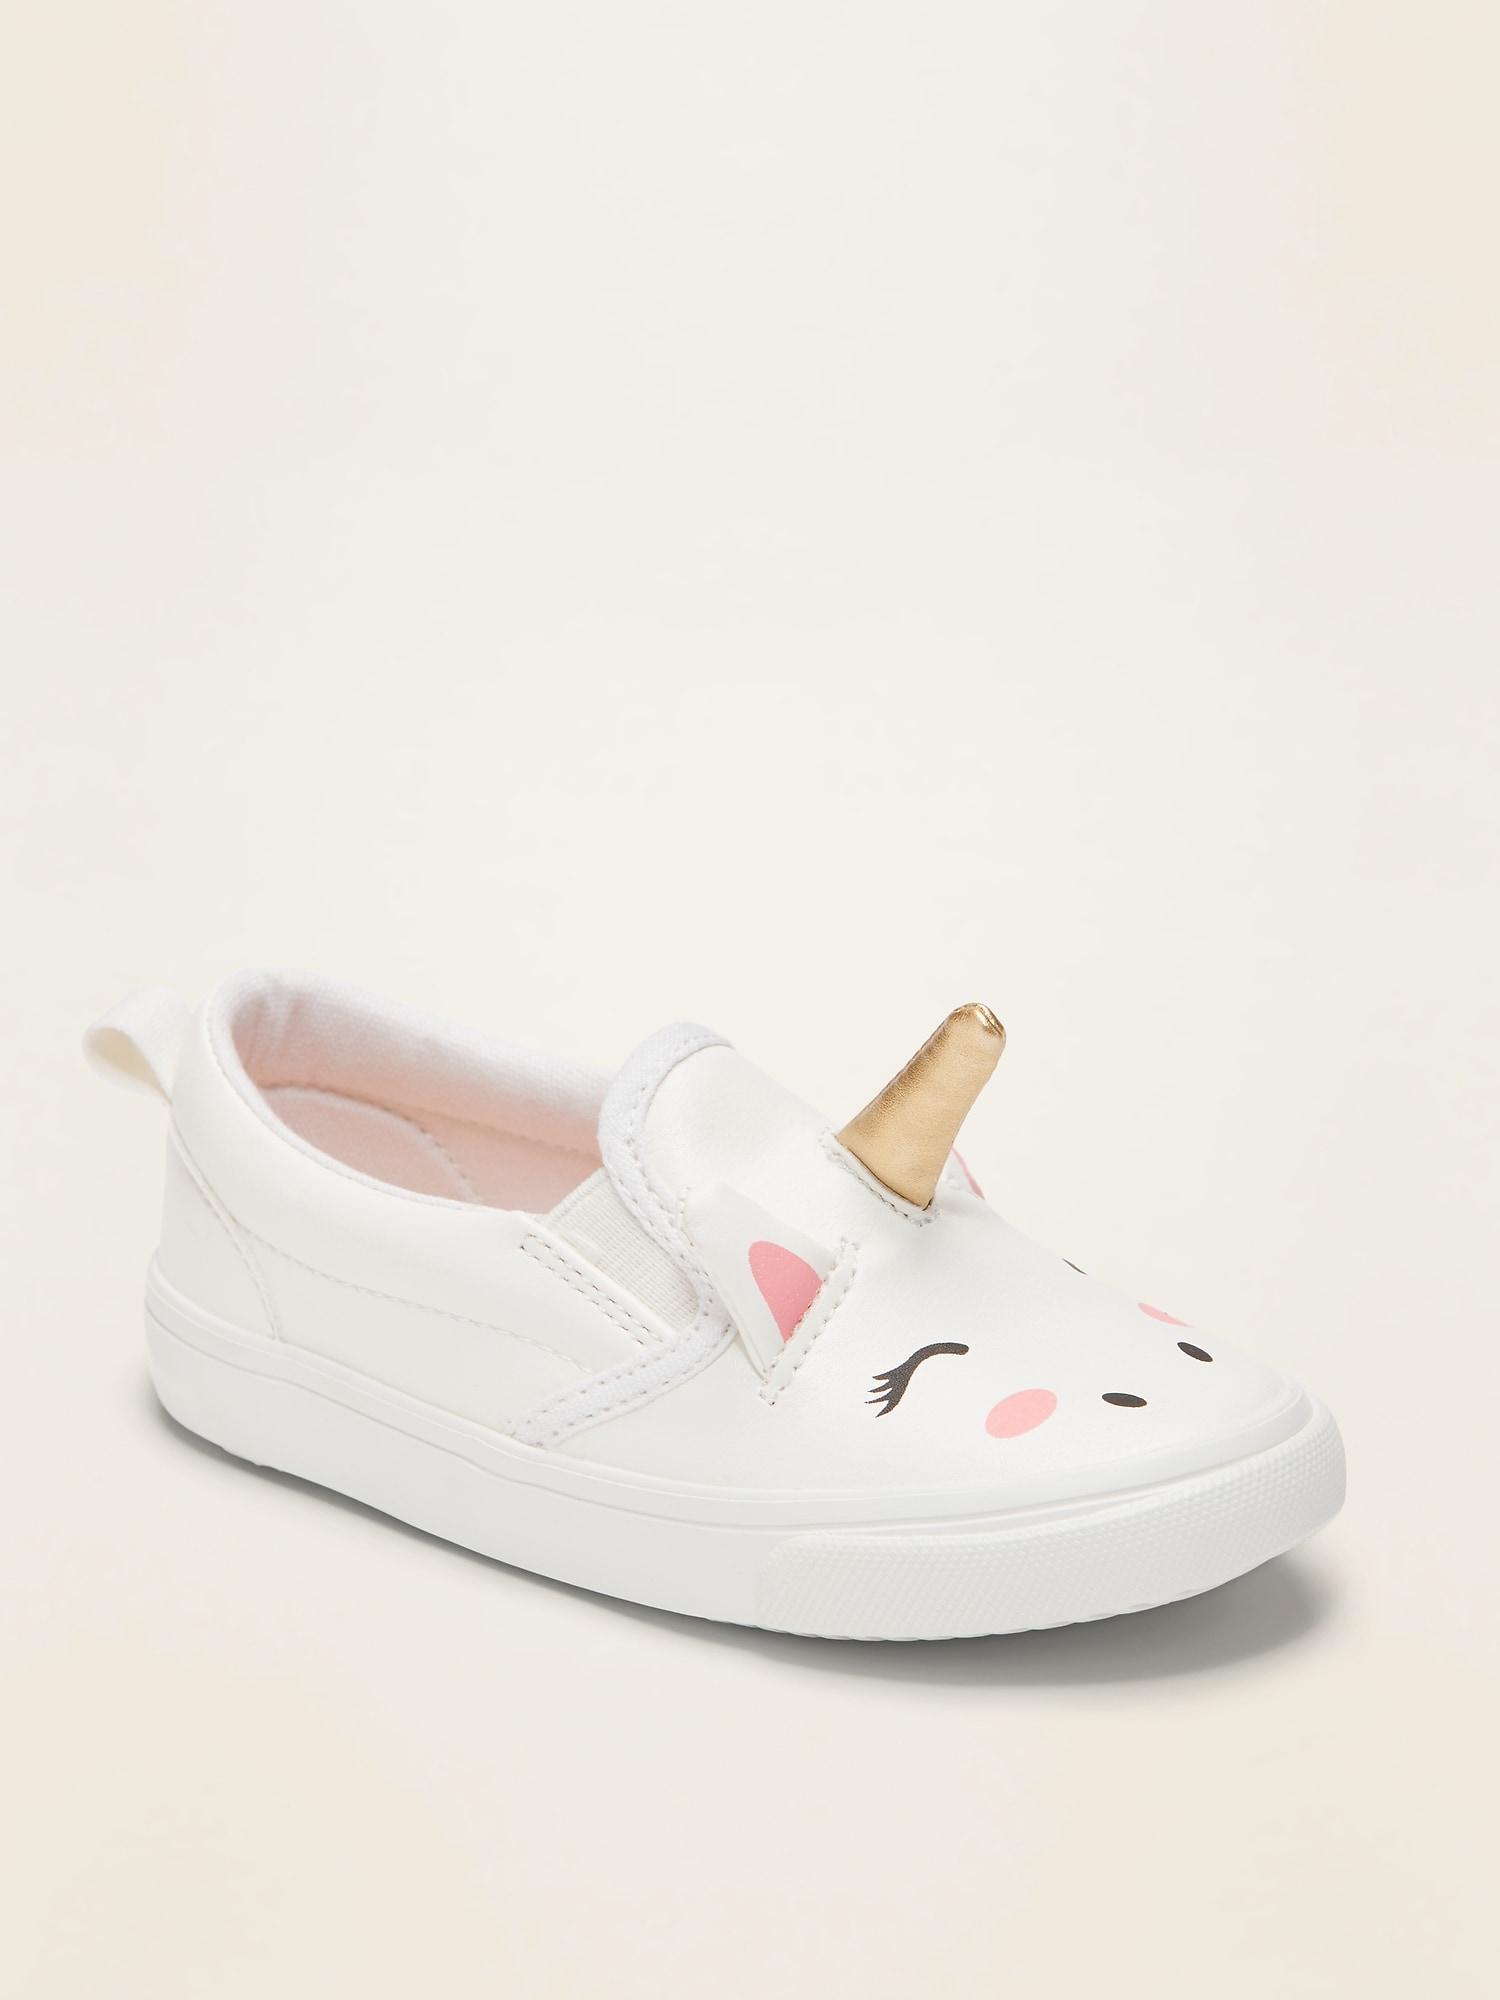 Unicorn Slip-Ons For Toddler Girls